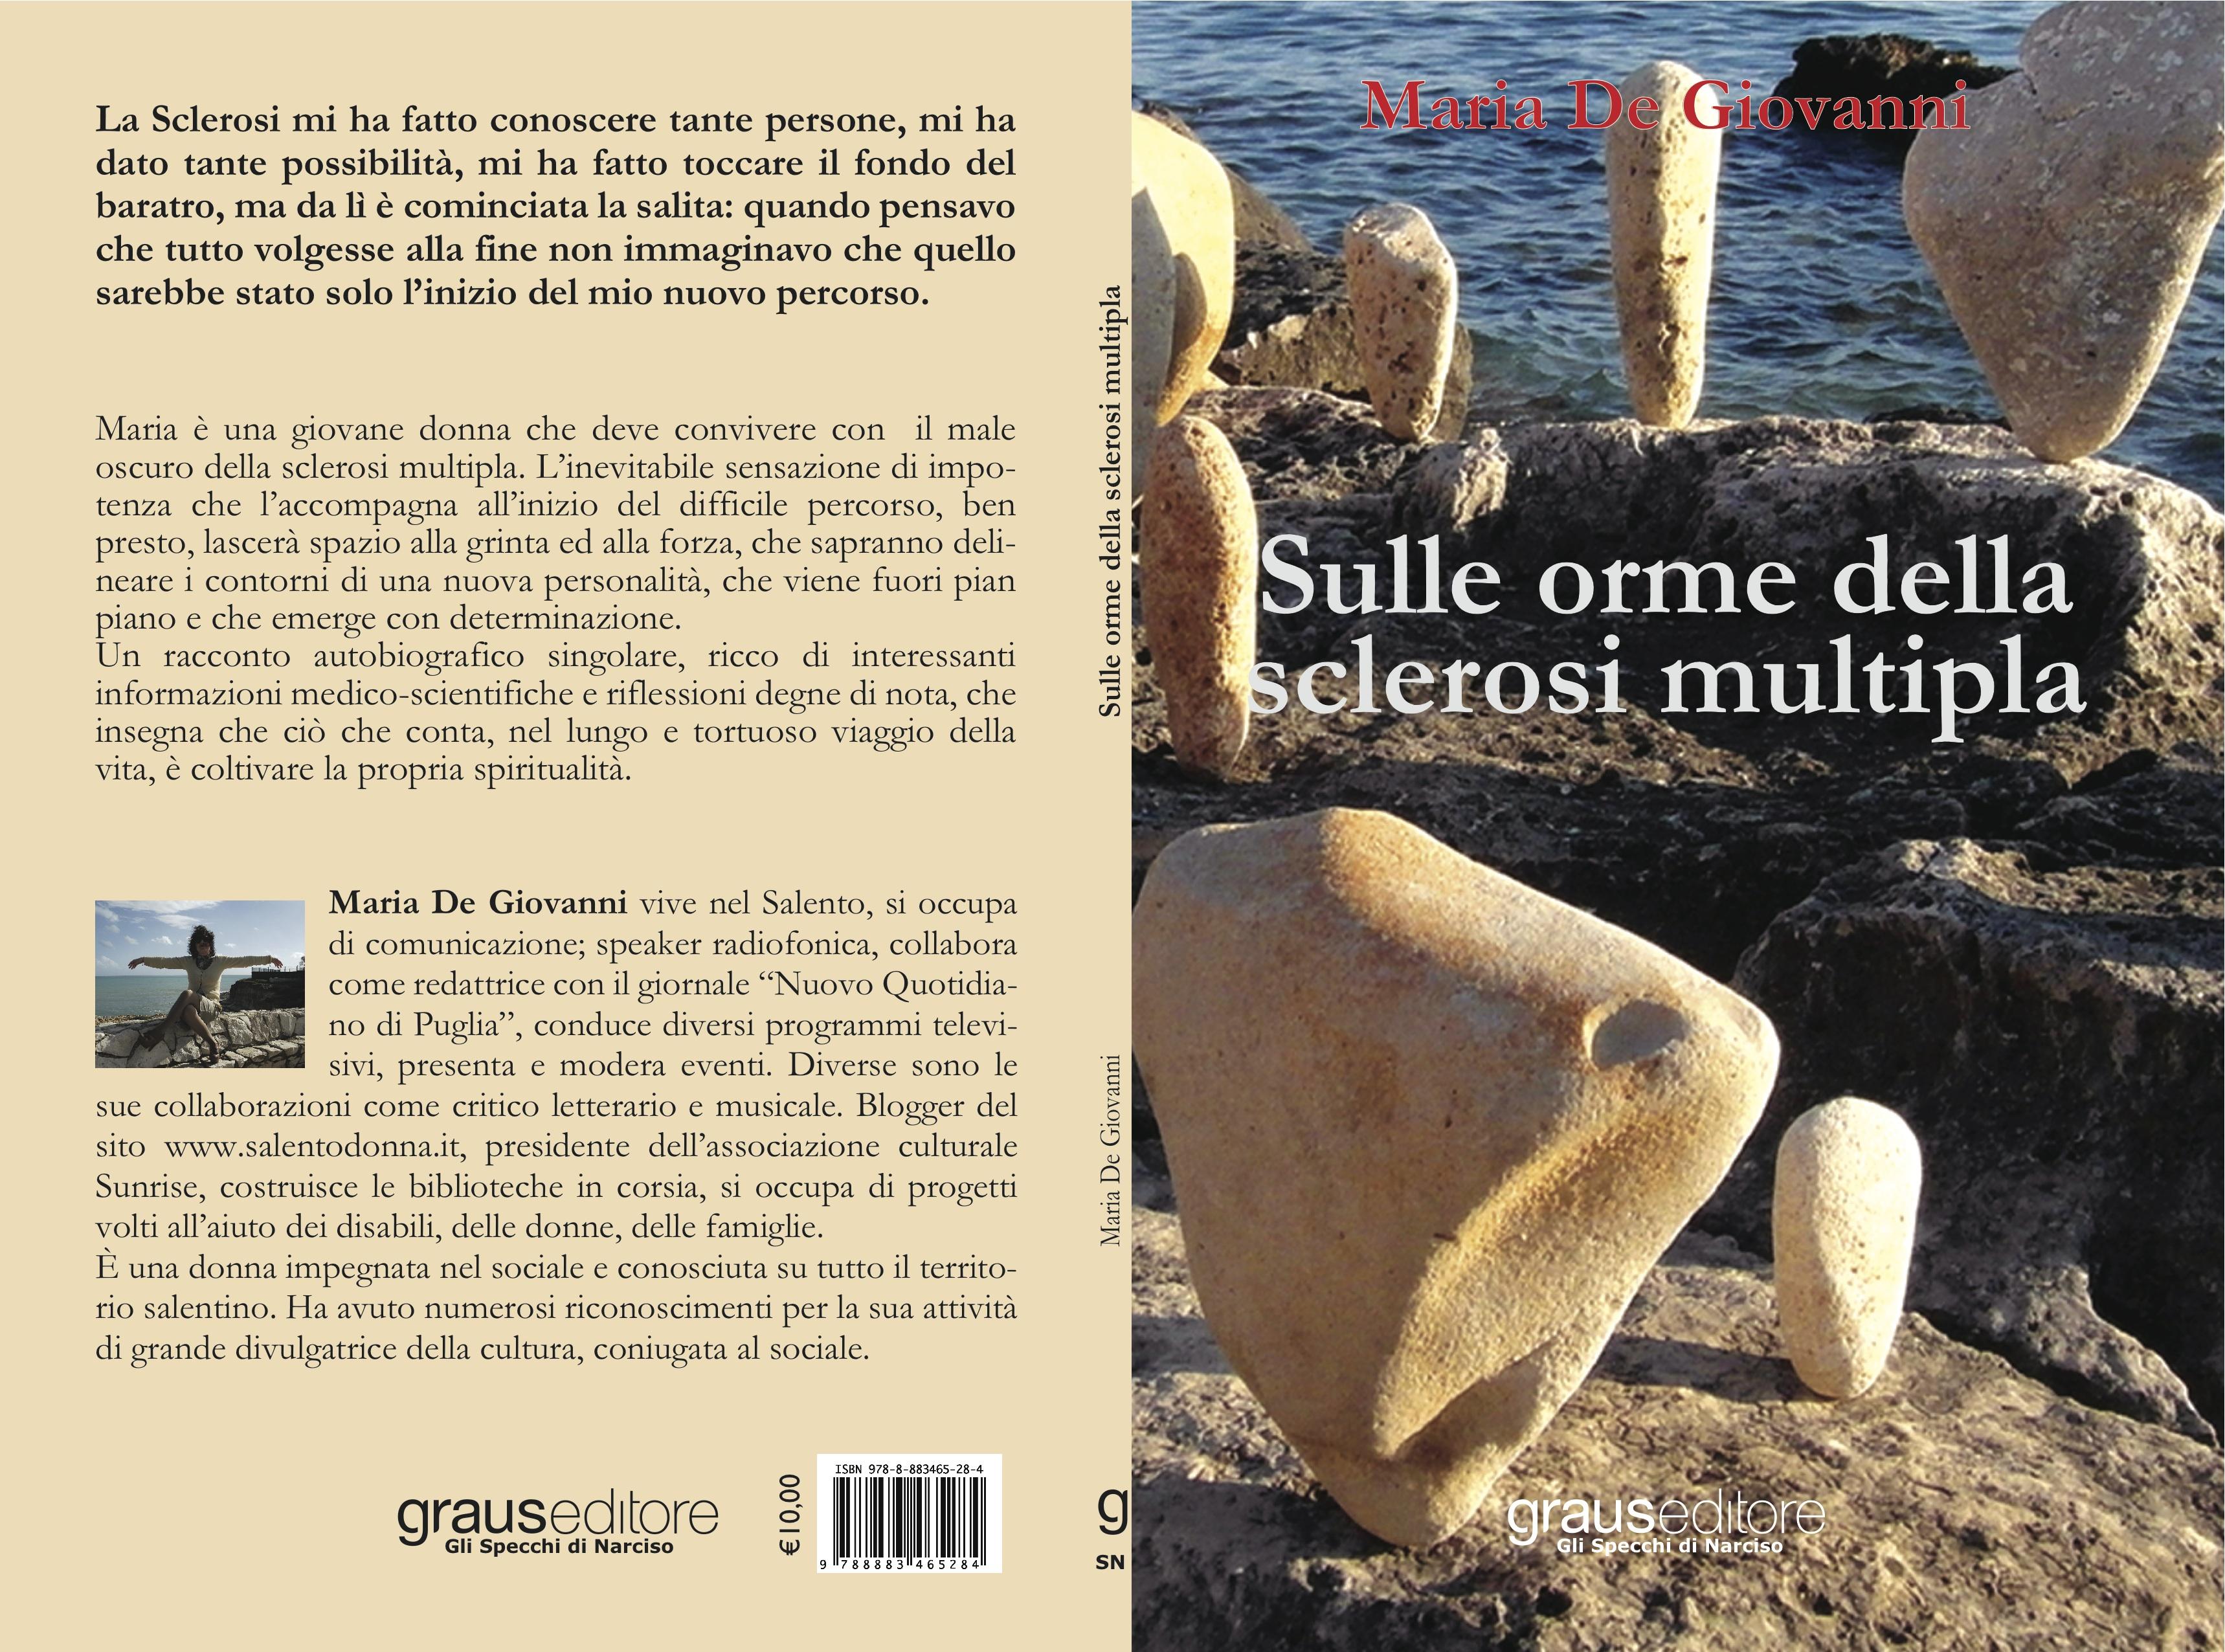 Maria De Giovanni racconta la sua storia con un libro.